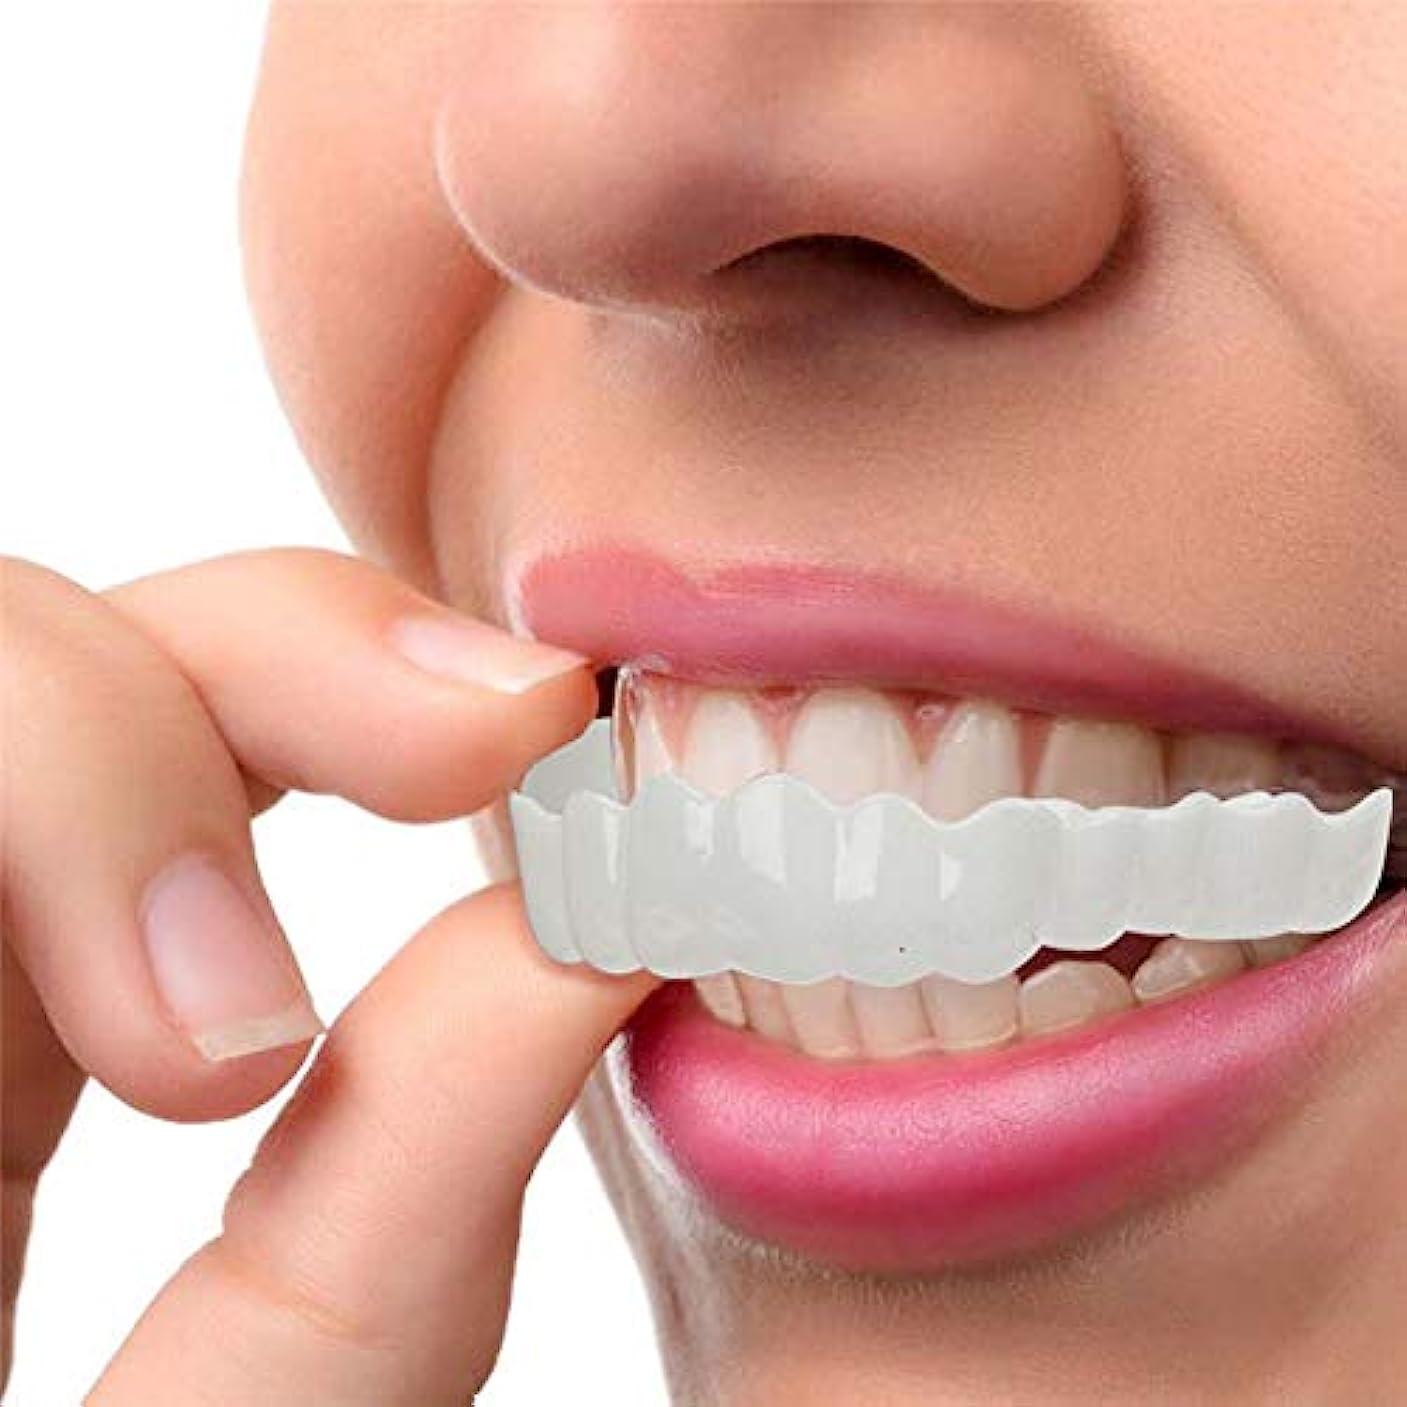 かんがい期限切れ不良品2セット、白い歯をきれいにするためのコンフォートフィットフレックス歯ソケット、化粧品の歯、スーパーコンフォート、コンフォートフィット